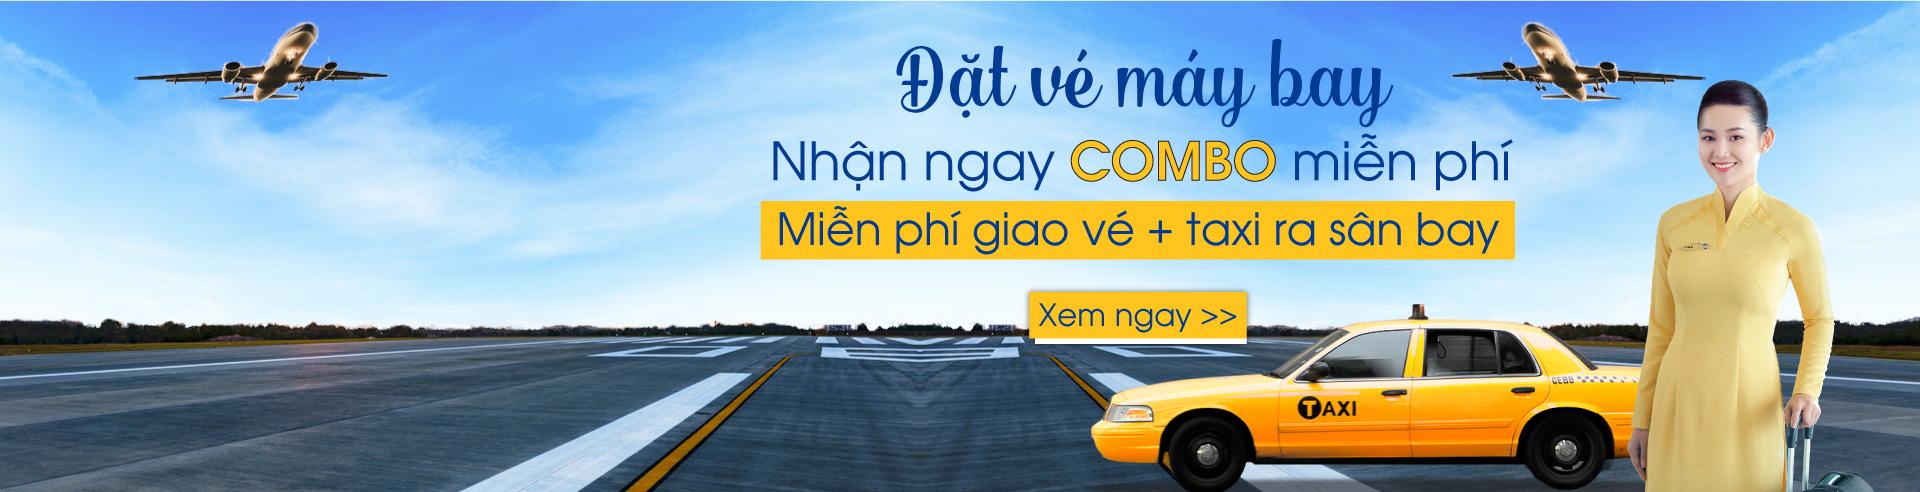 Đặt vé máy bay online giá rẻ